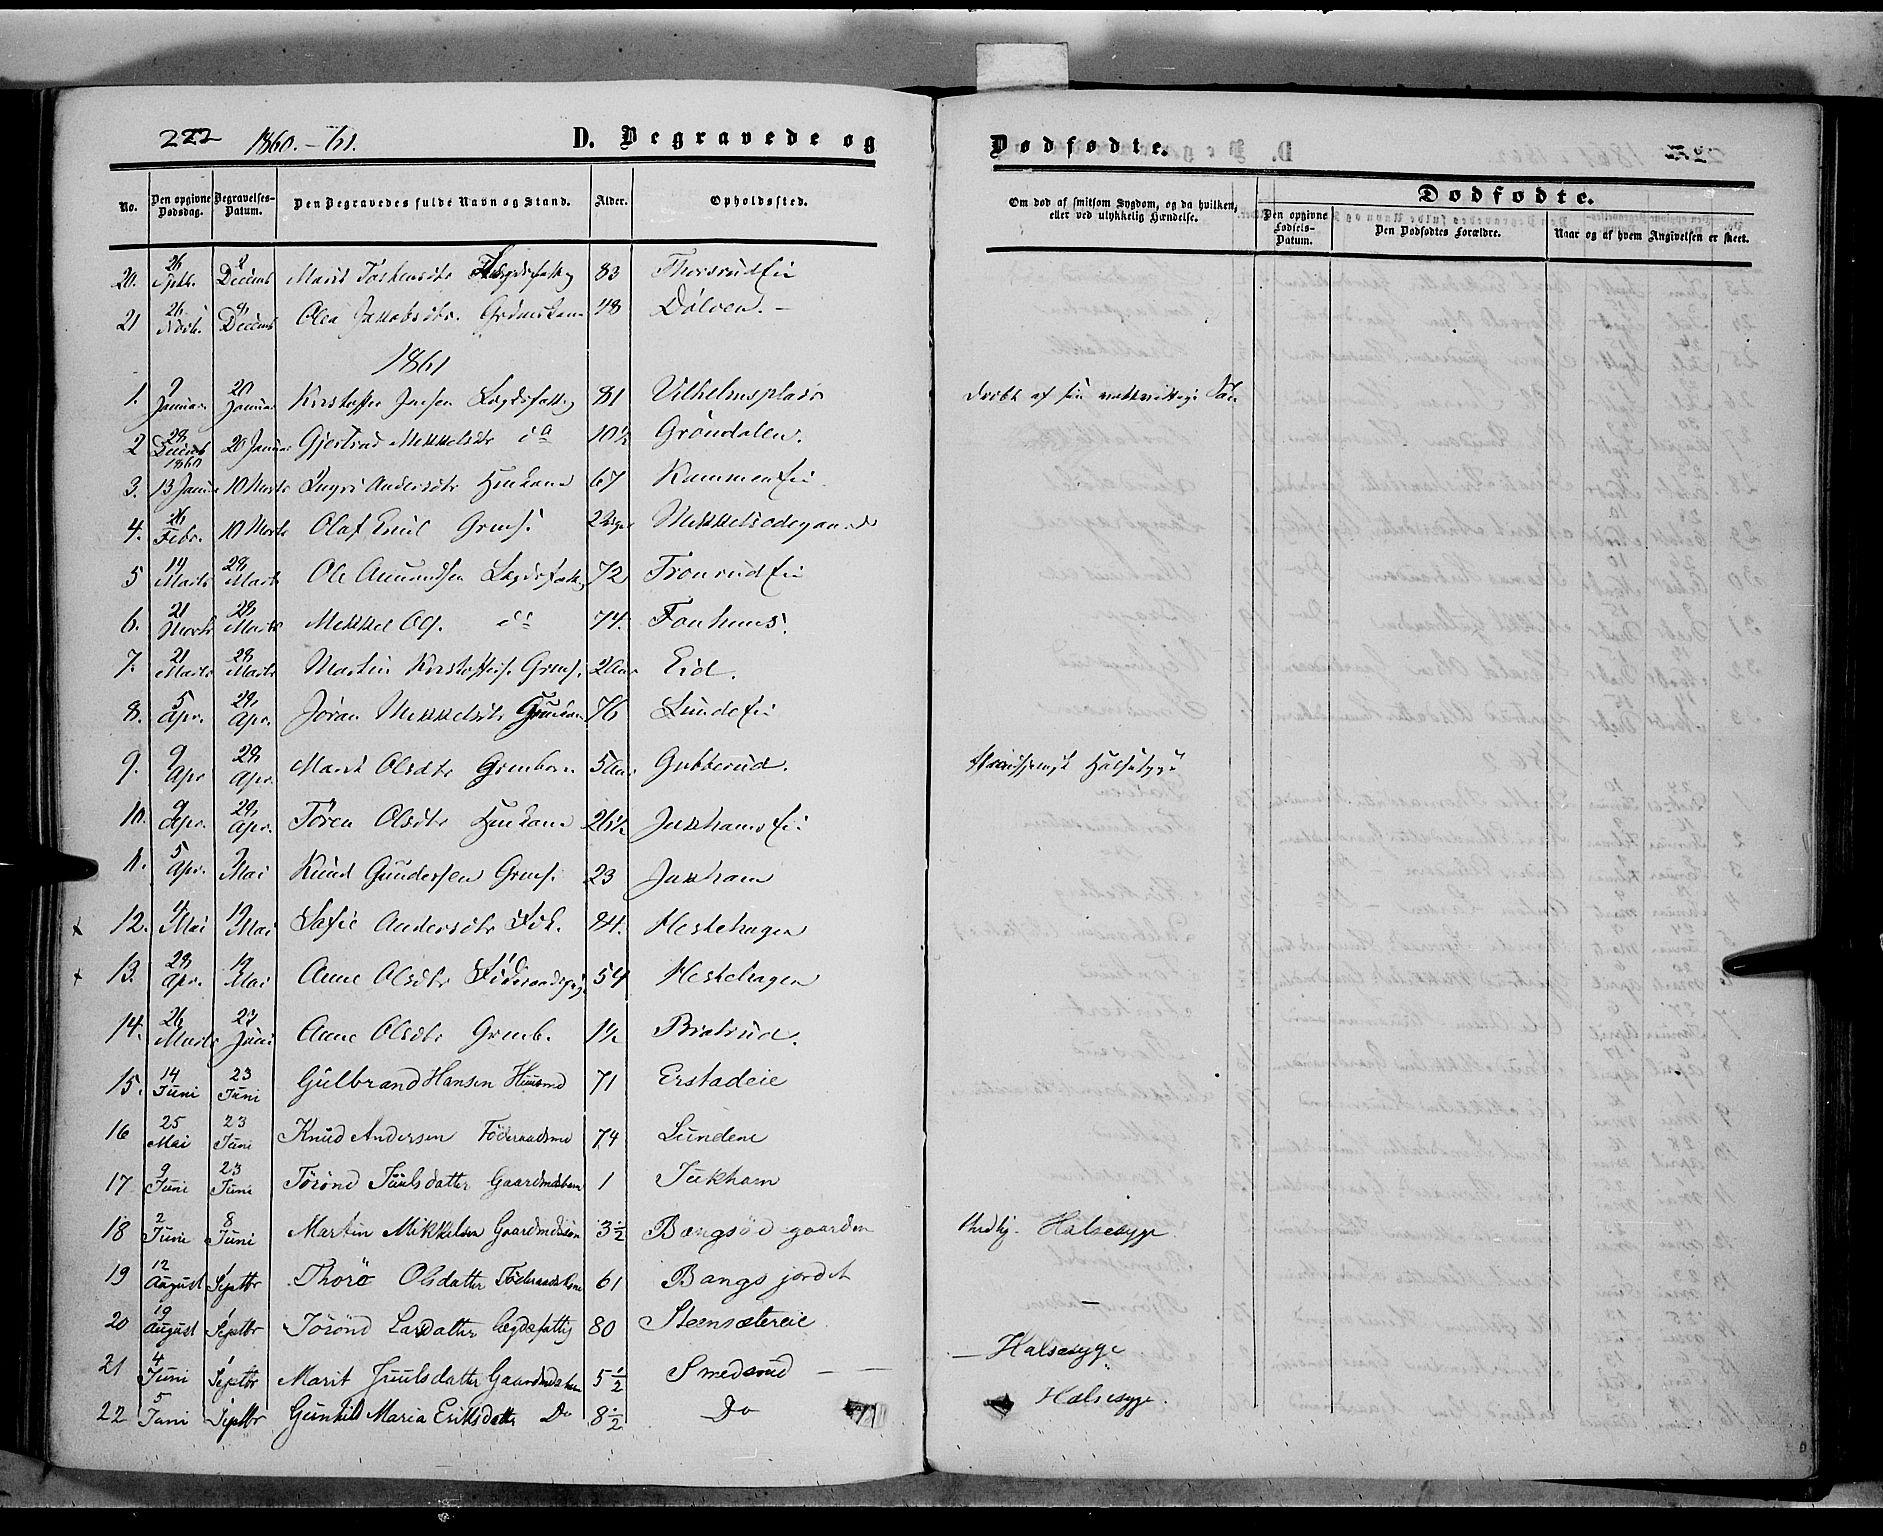 SAH, Sør-Aurdal prestekontor, Ministerialbok nr. 5, 1849-1876, s. 222